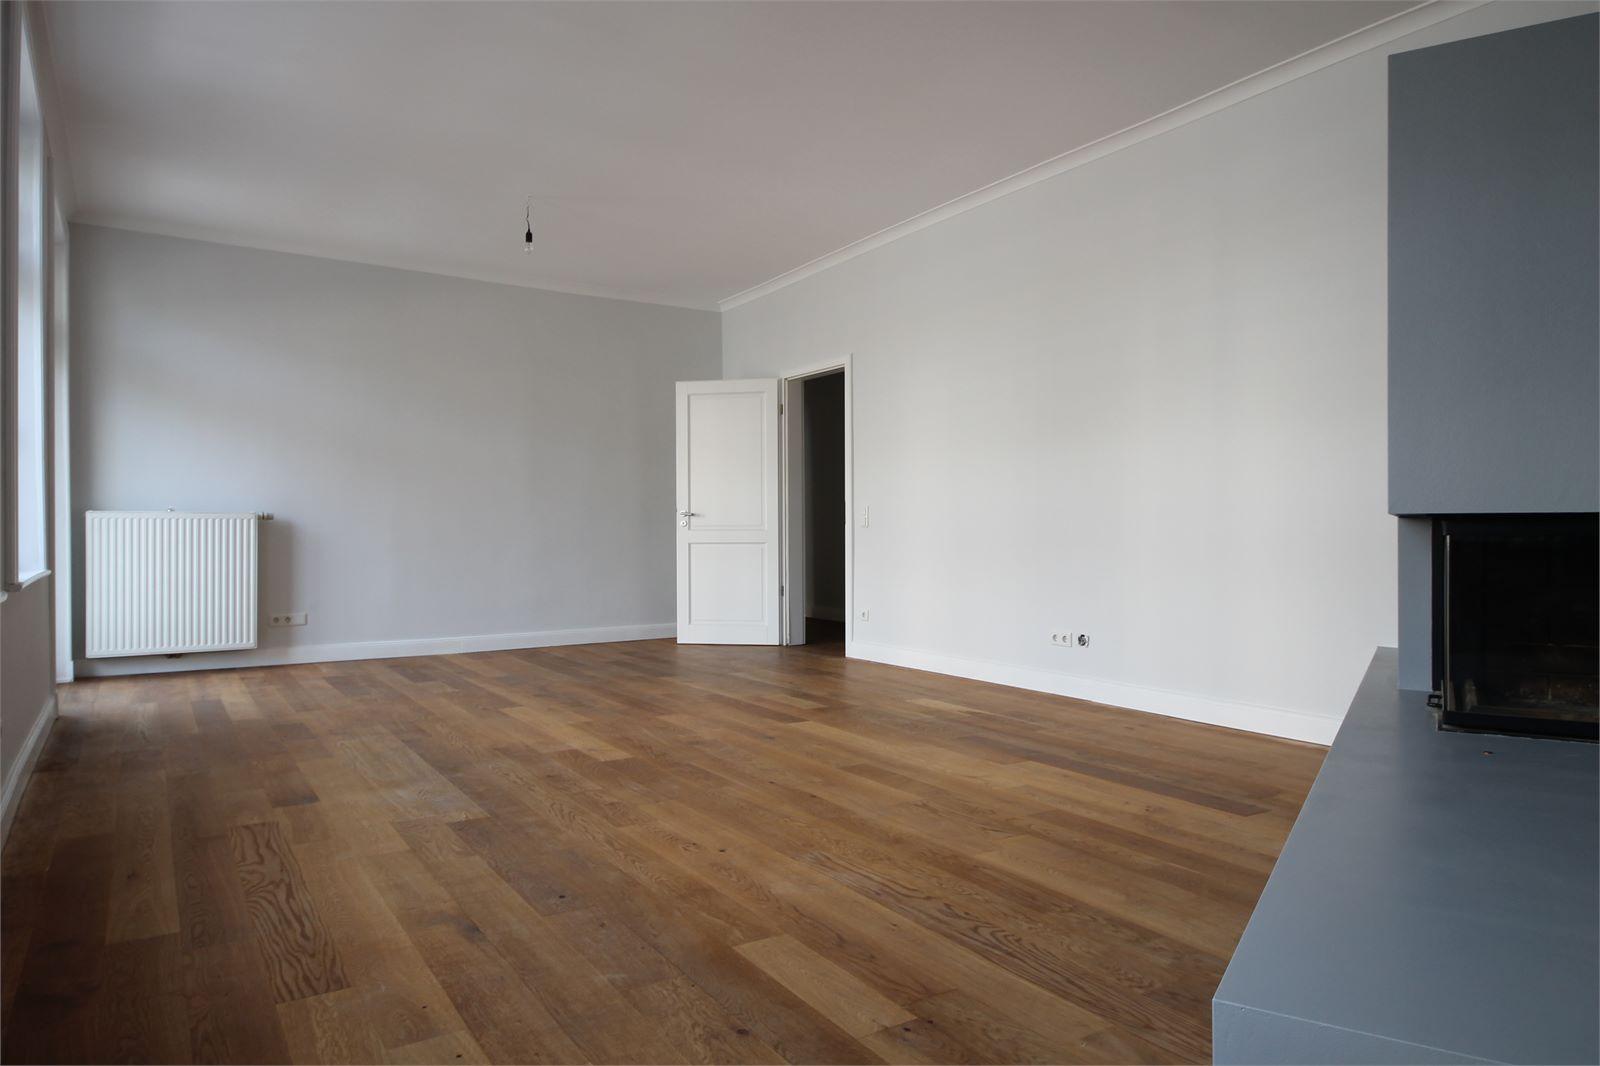 Jugendstil Schlafzimmer Komplett Home Deko Schlafzimmer Grau